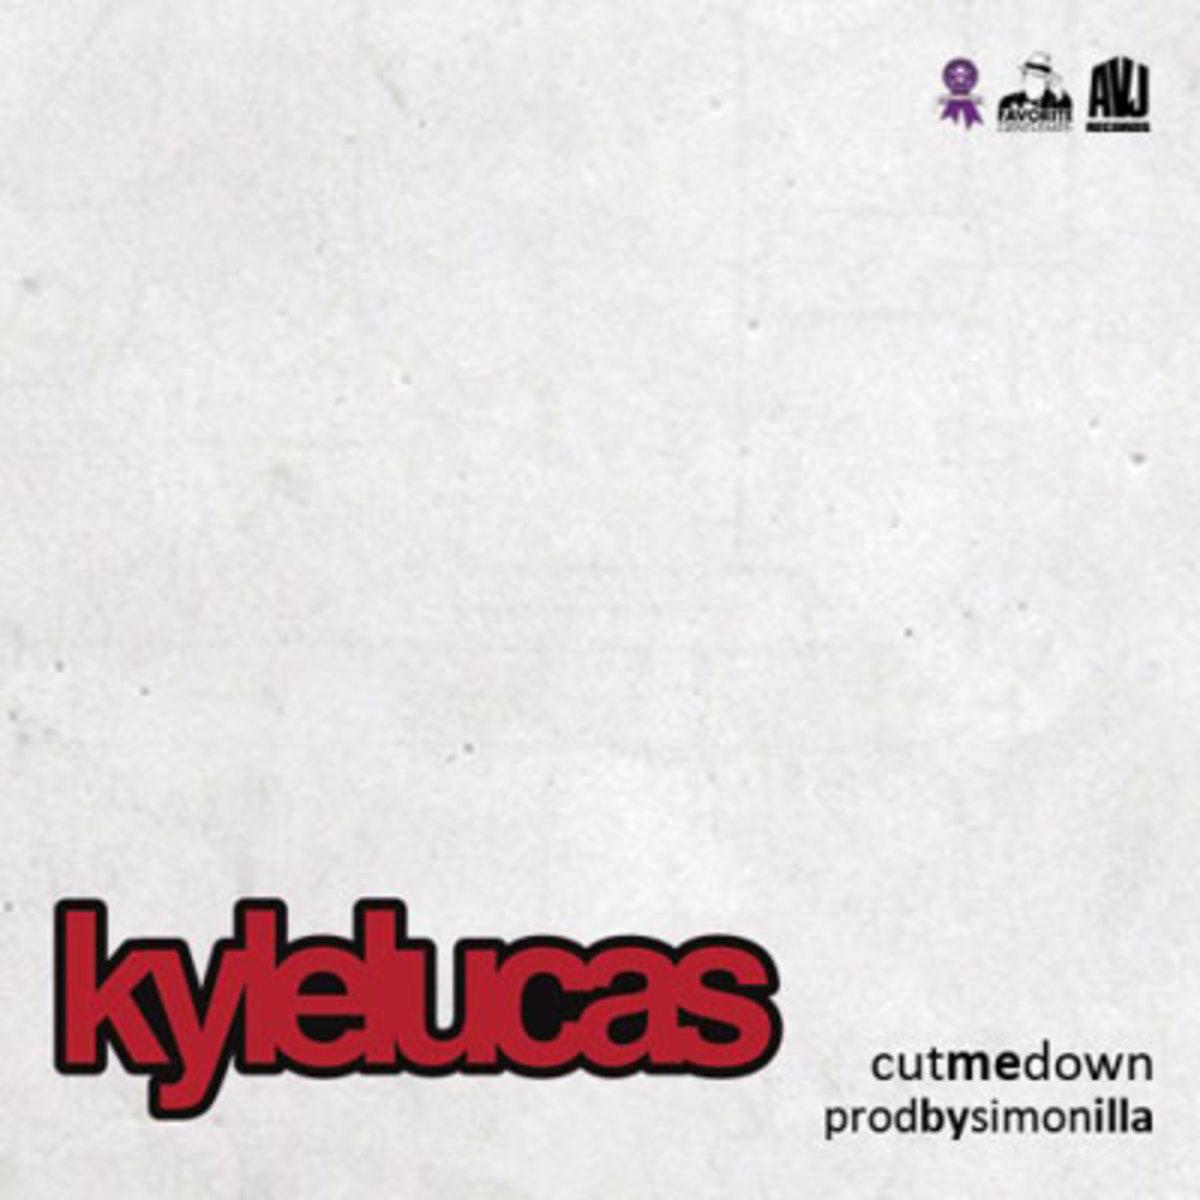 kylelucas-cutmedown.jpg